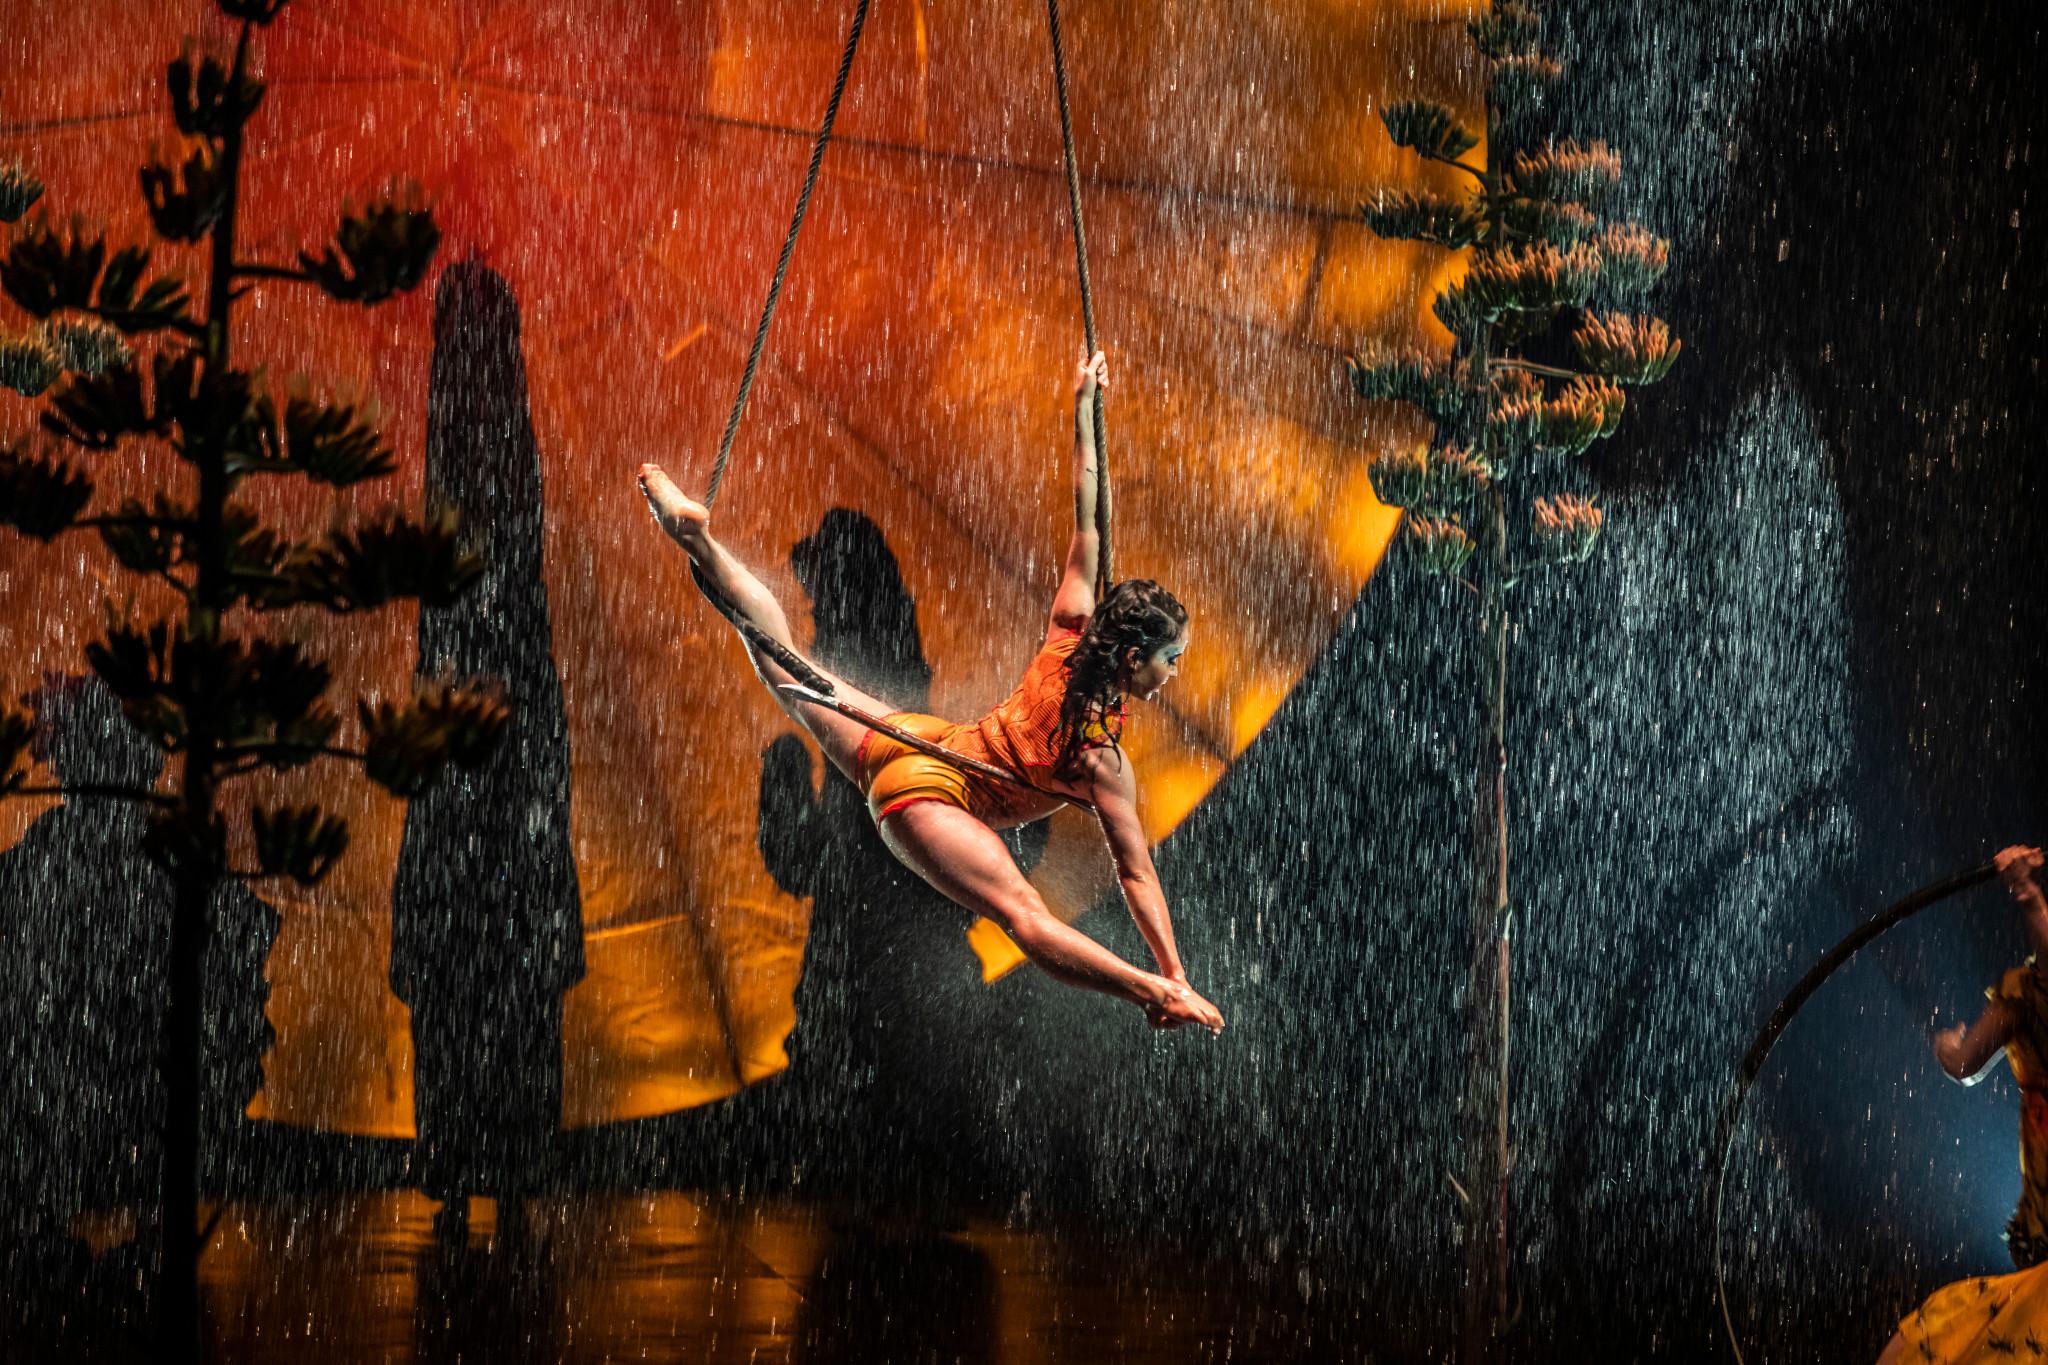 Luzia Cirque du Soleil (c) Matt Beard